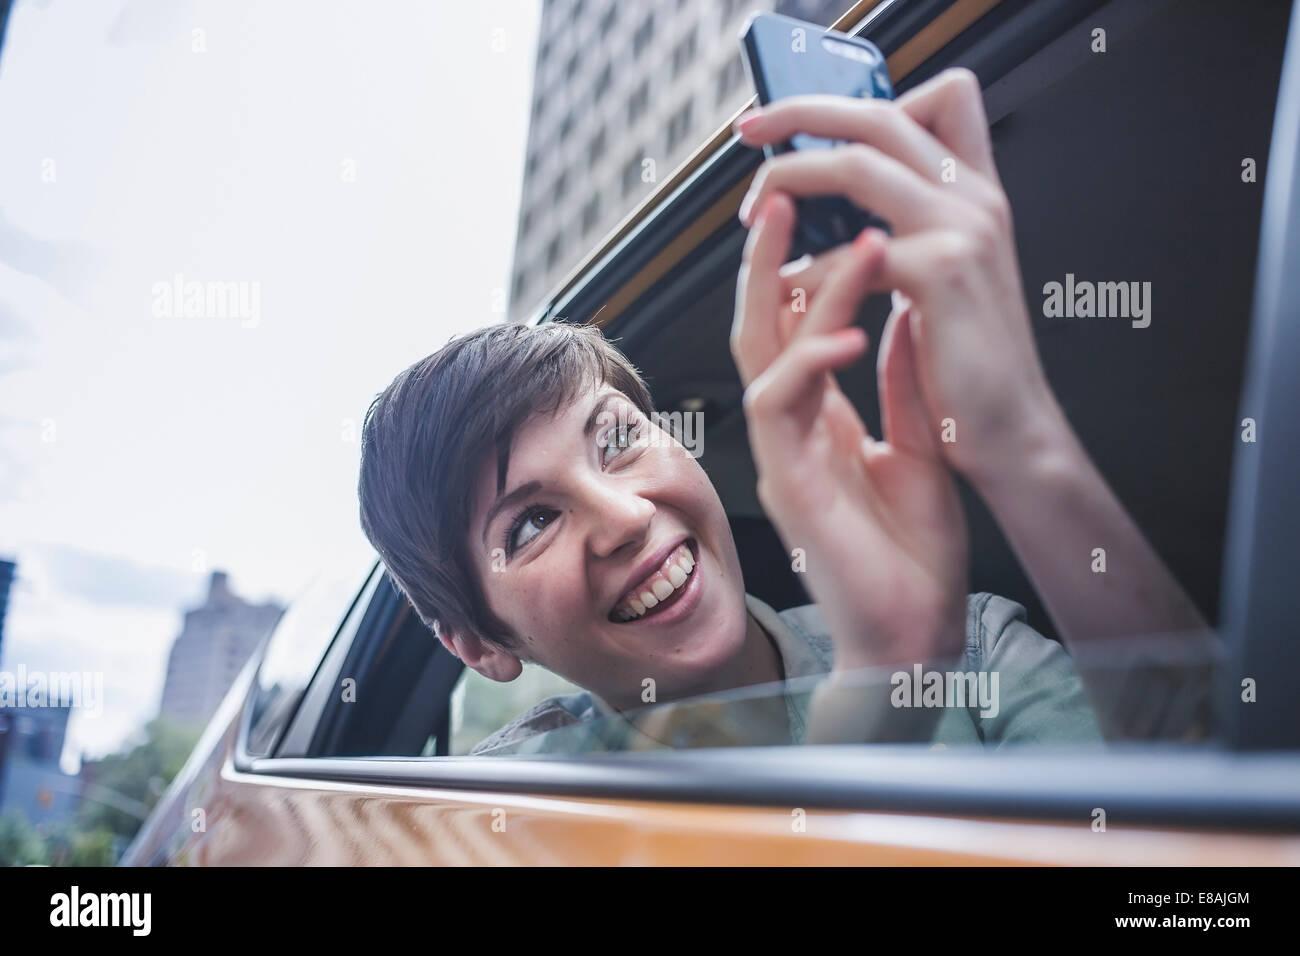 Mujer fotografiar en taxi amarillo, Nueva York, EE.UU. Imagen De Stock